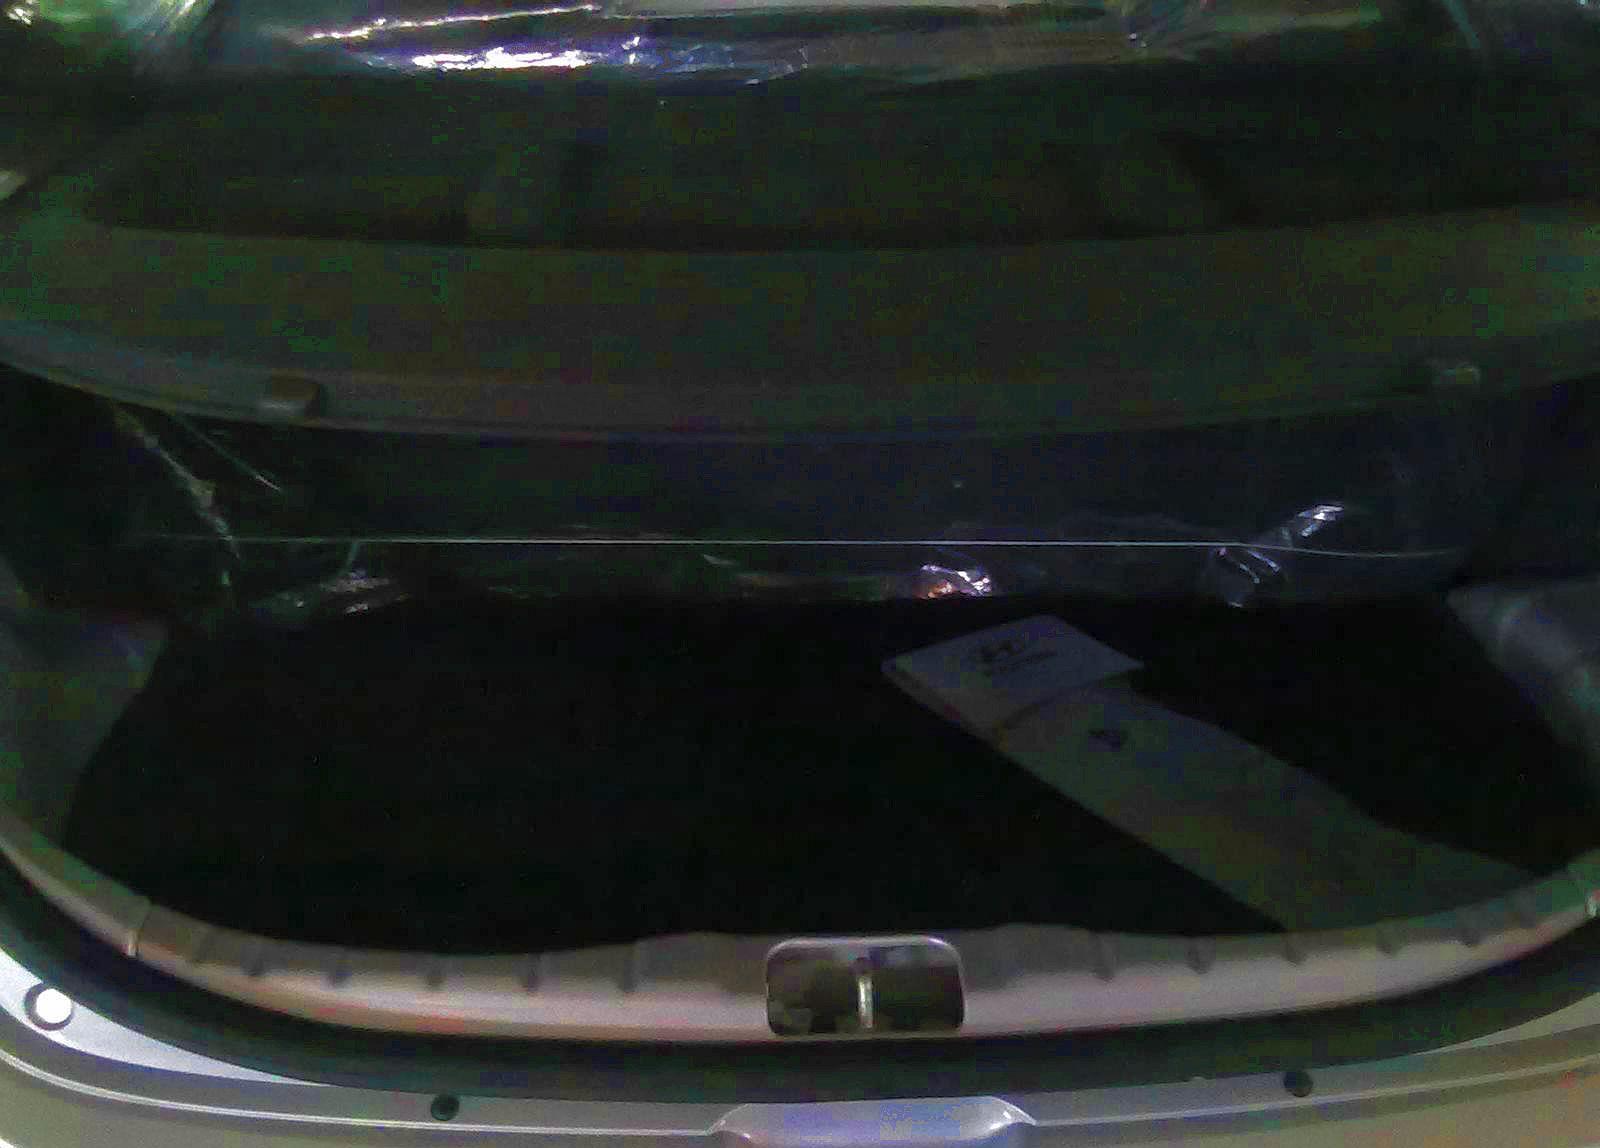 http://4.bp.blogspot.com/-lfIiRk6A60g/Tpf6aDgz-GI/AAAAAAAADgI/yk1DBVmjyBA/s1600/Hyundai-Eon-Small-Car-Boot.jpg